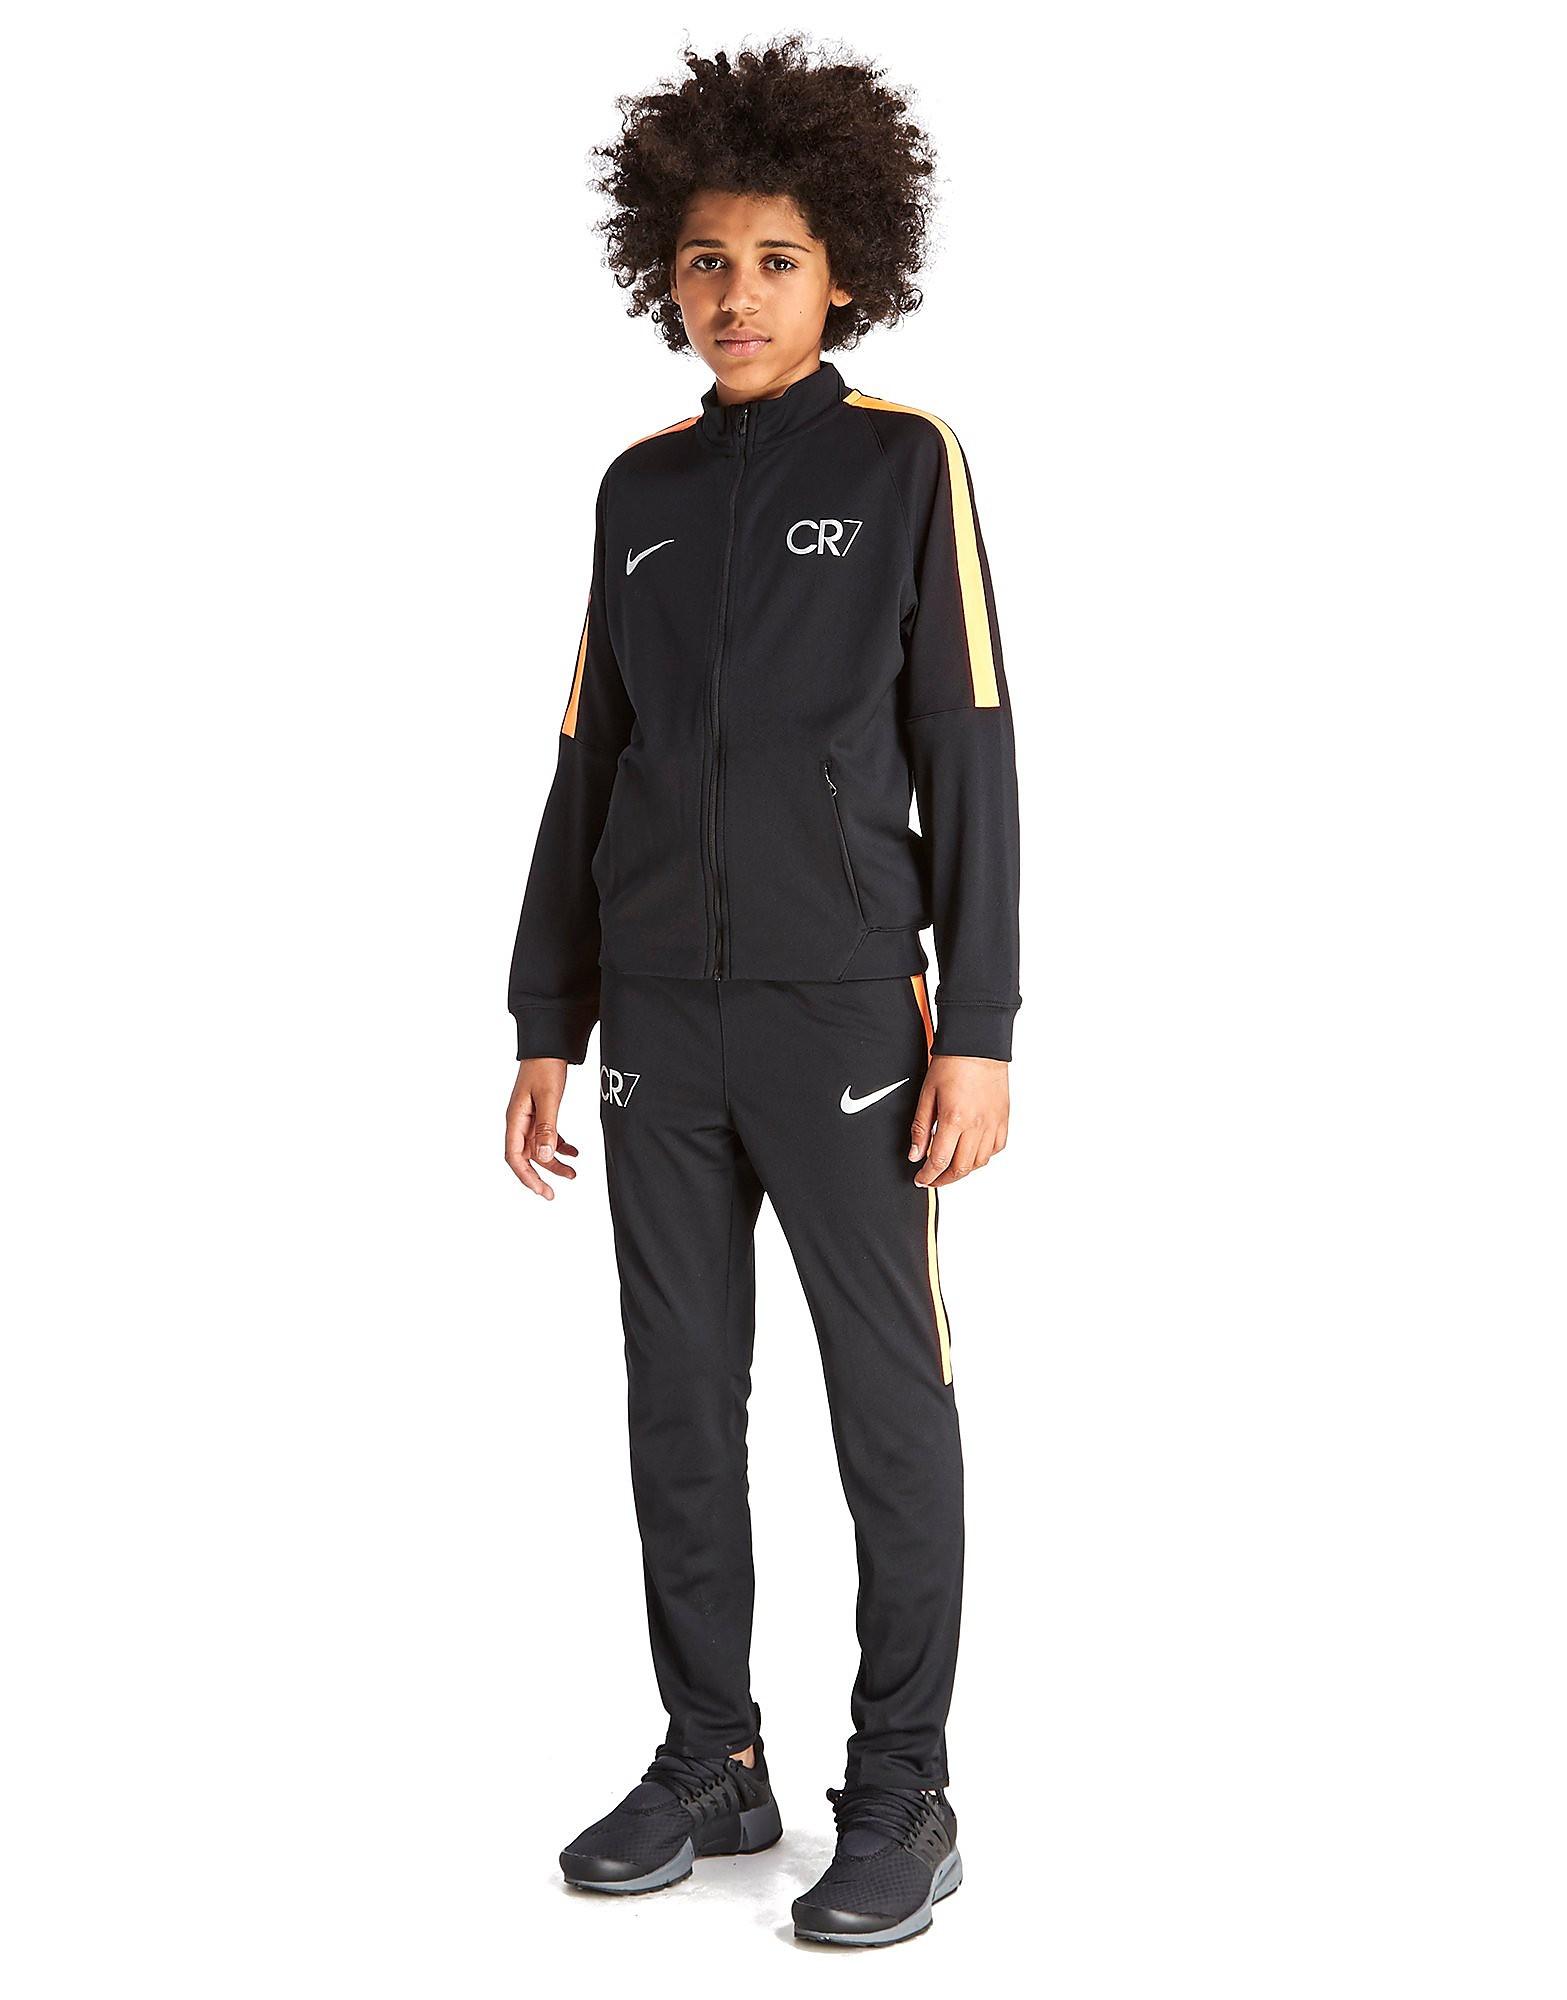 Nike Ensemble de survêtement CR7 Junior